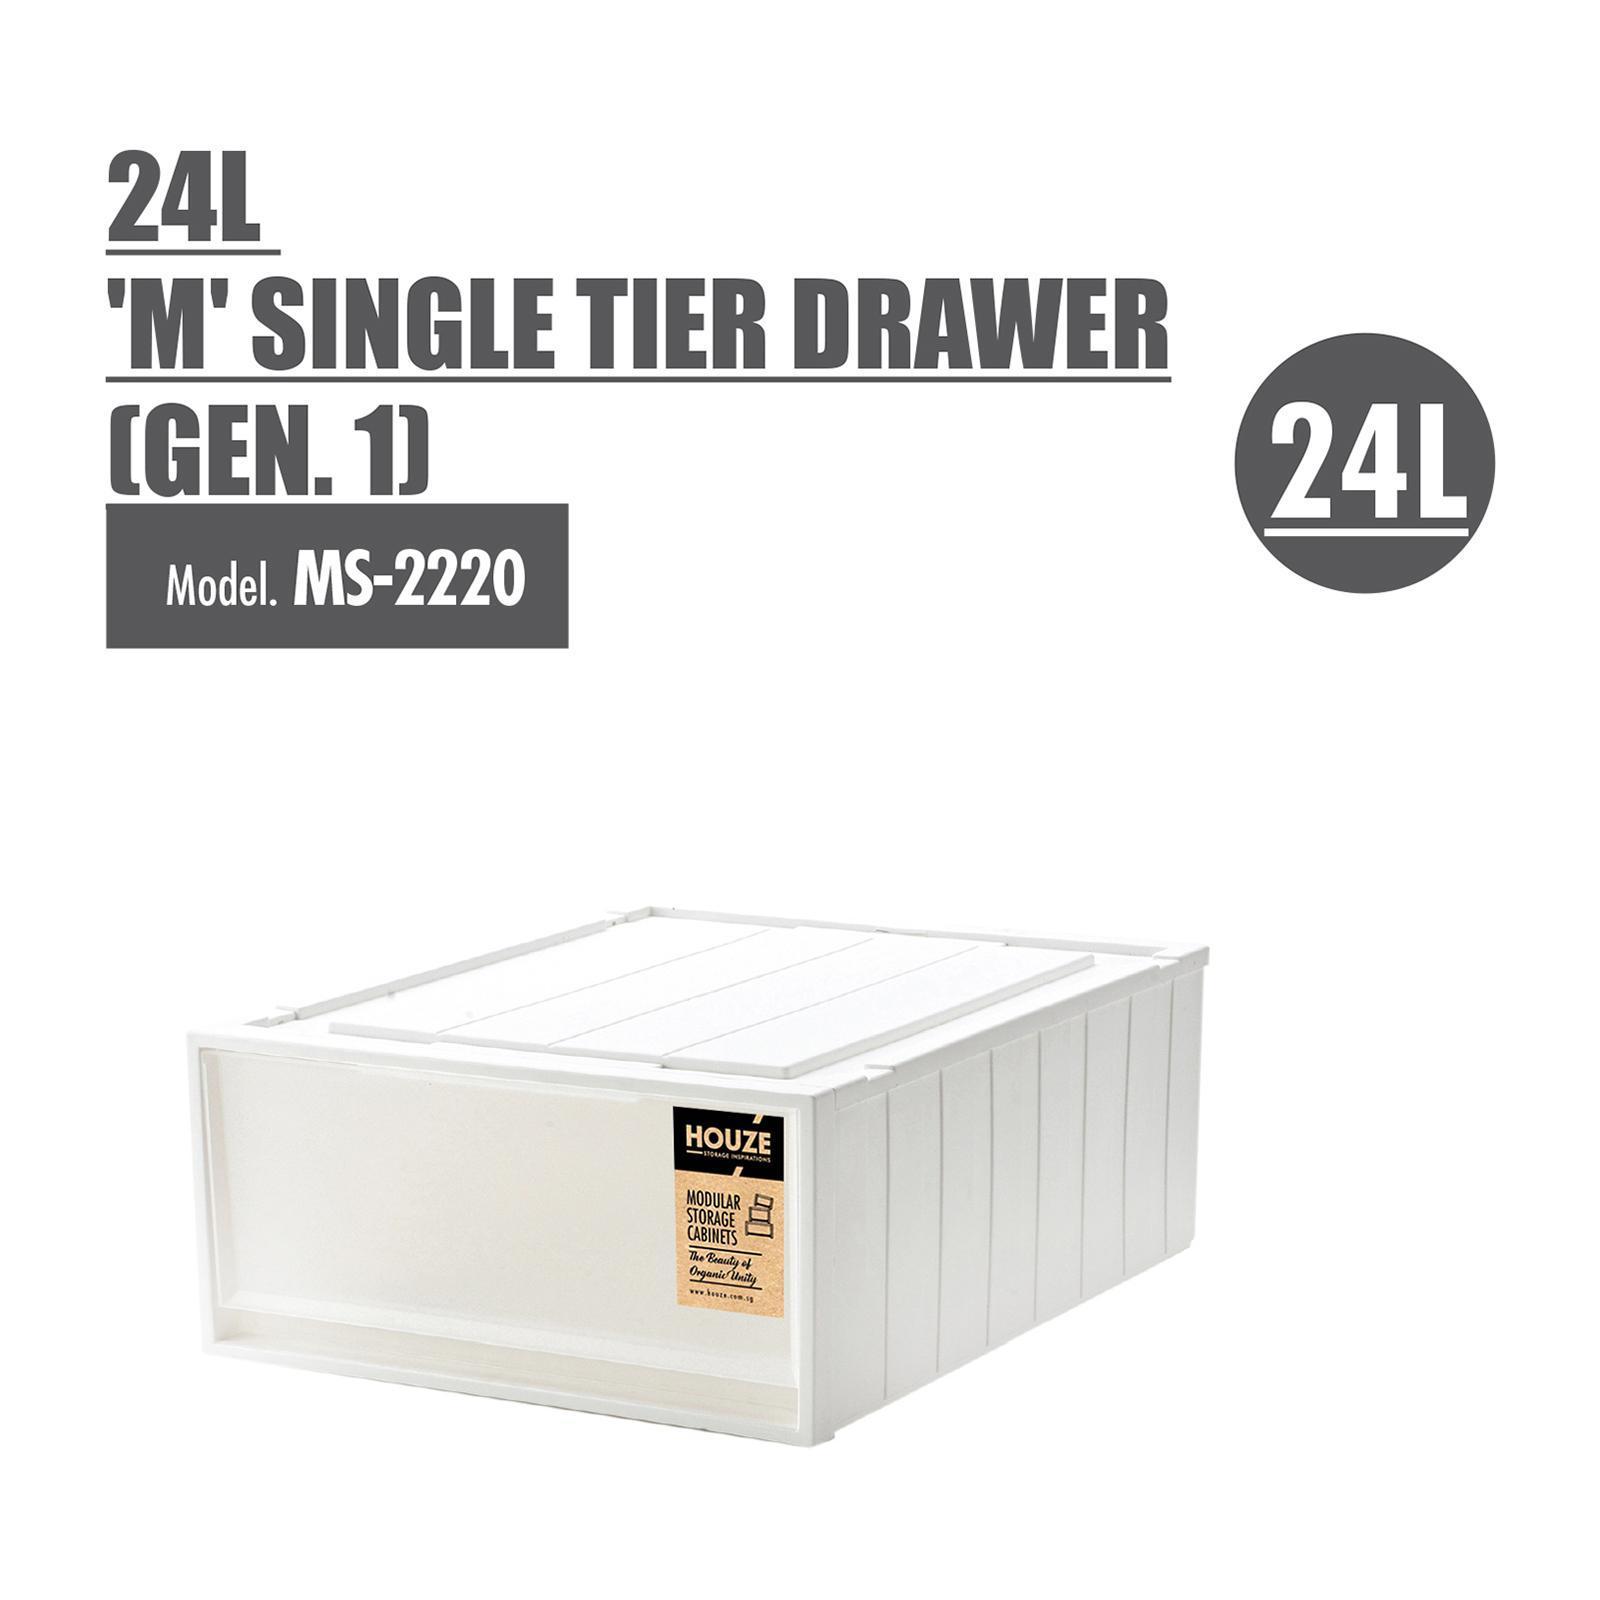 HOUZE - 24L M Single Tier Drawer (Gen. 1)